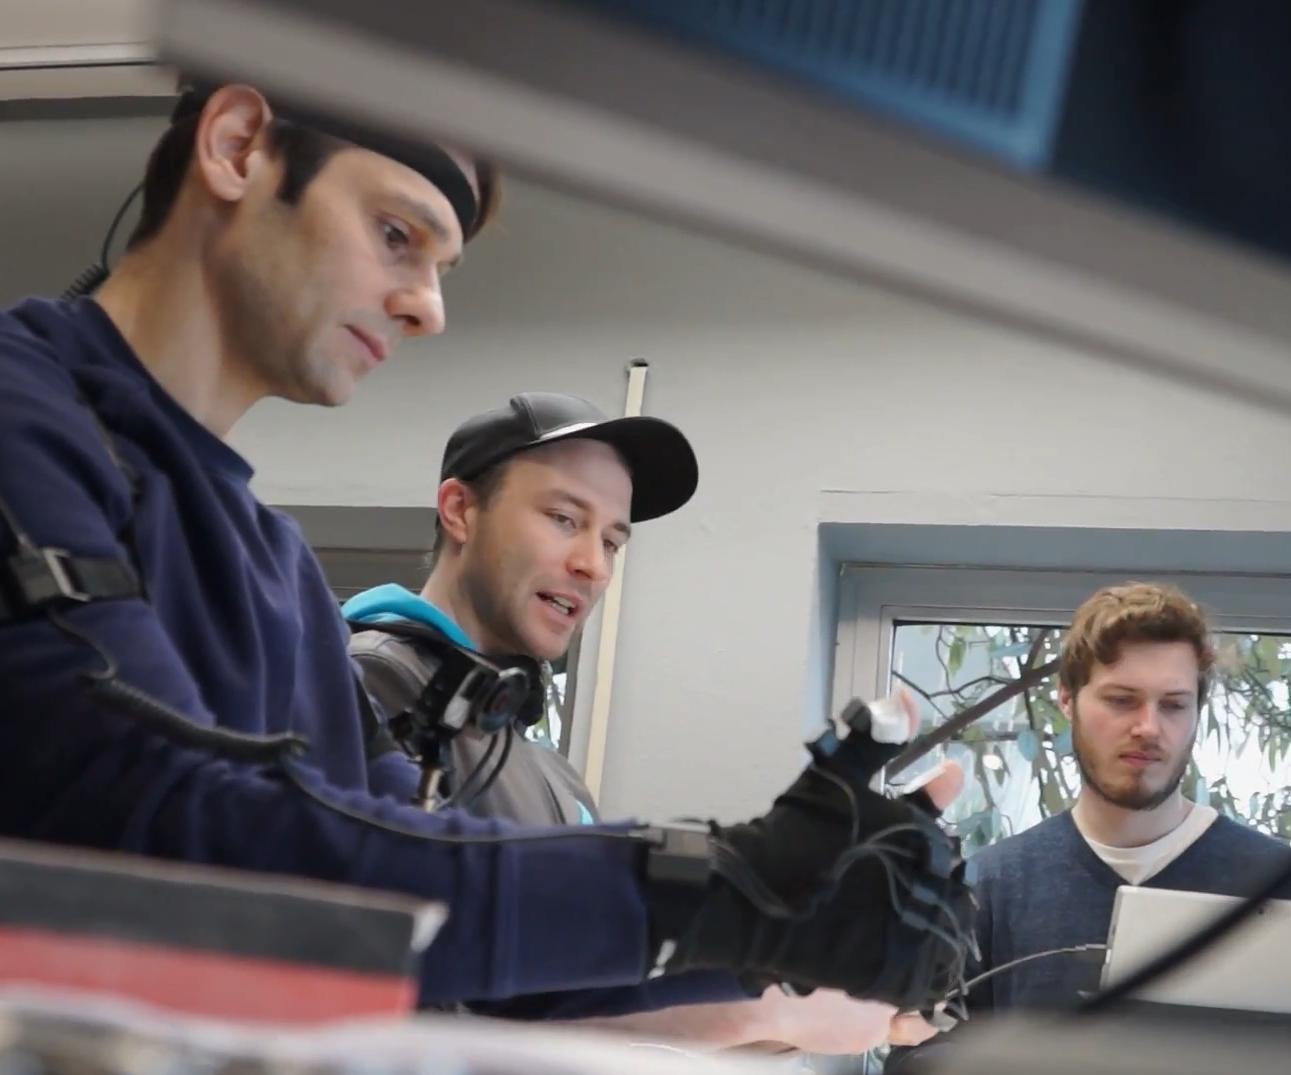 GTÜ Hands Making-Of - 3 Personen beim Motion Capture